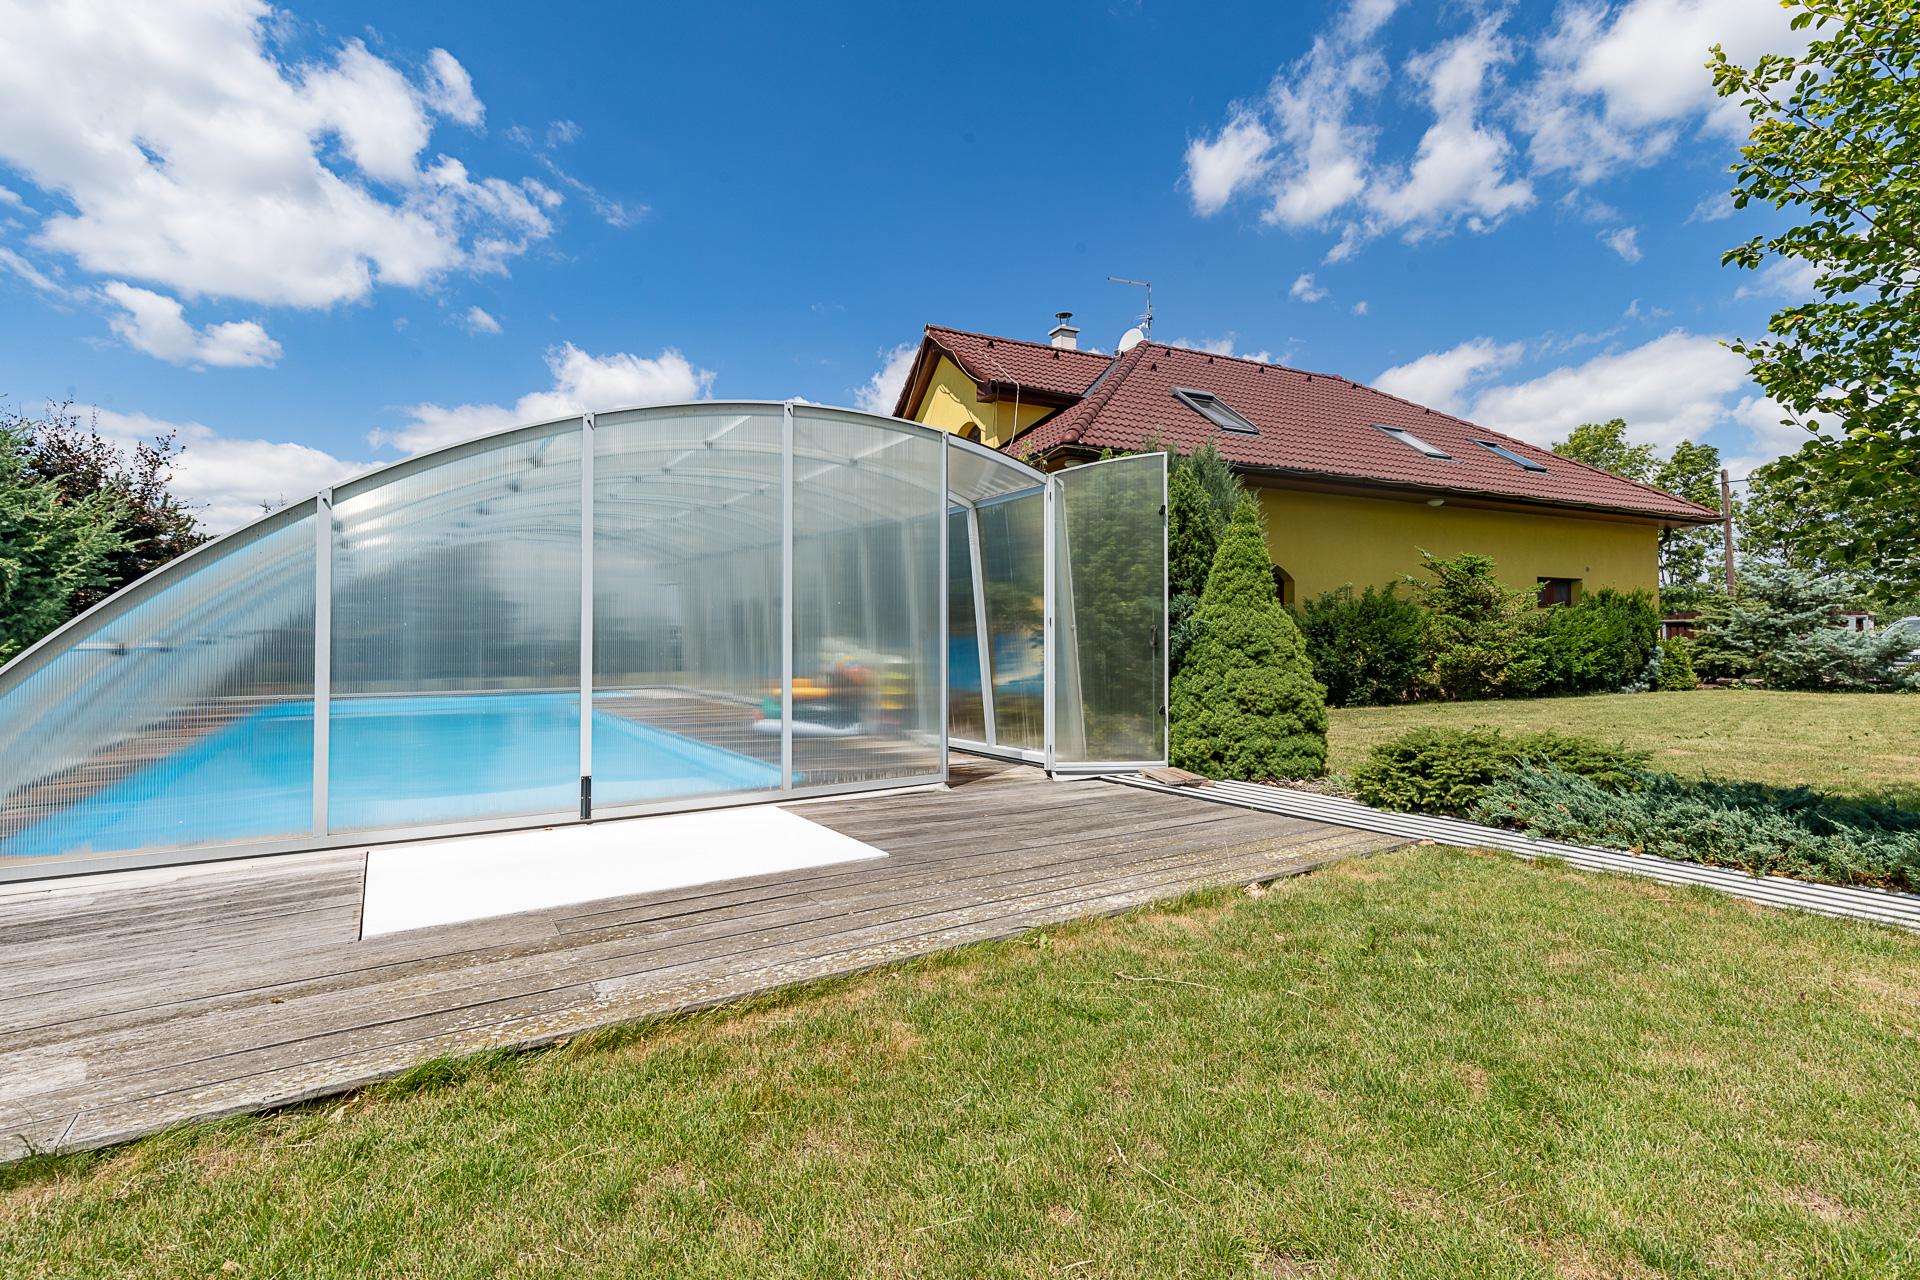 pohled na zastřešený bazén a dům se zahradou